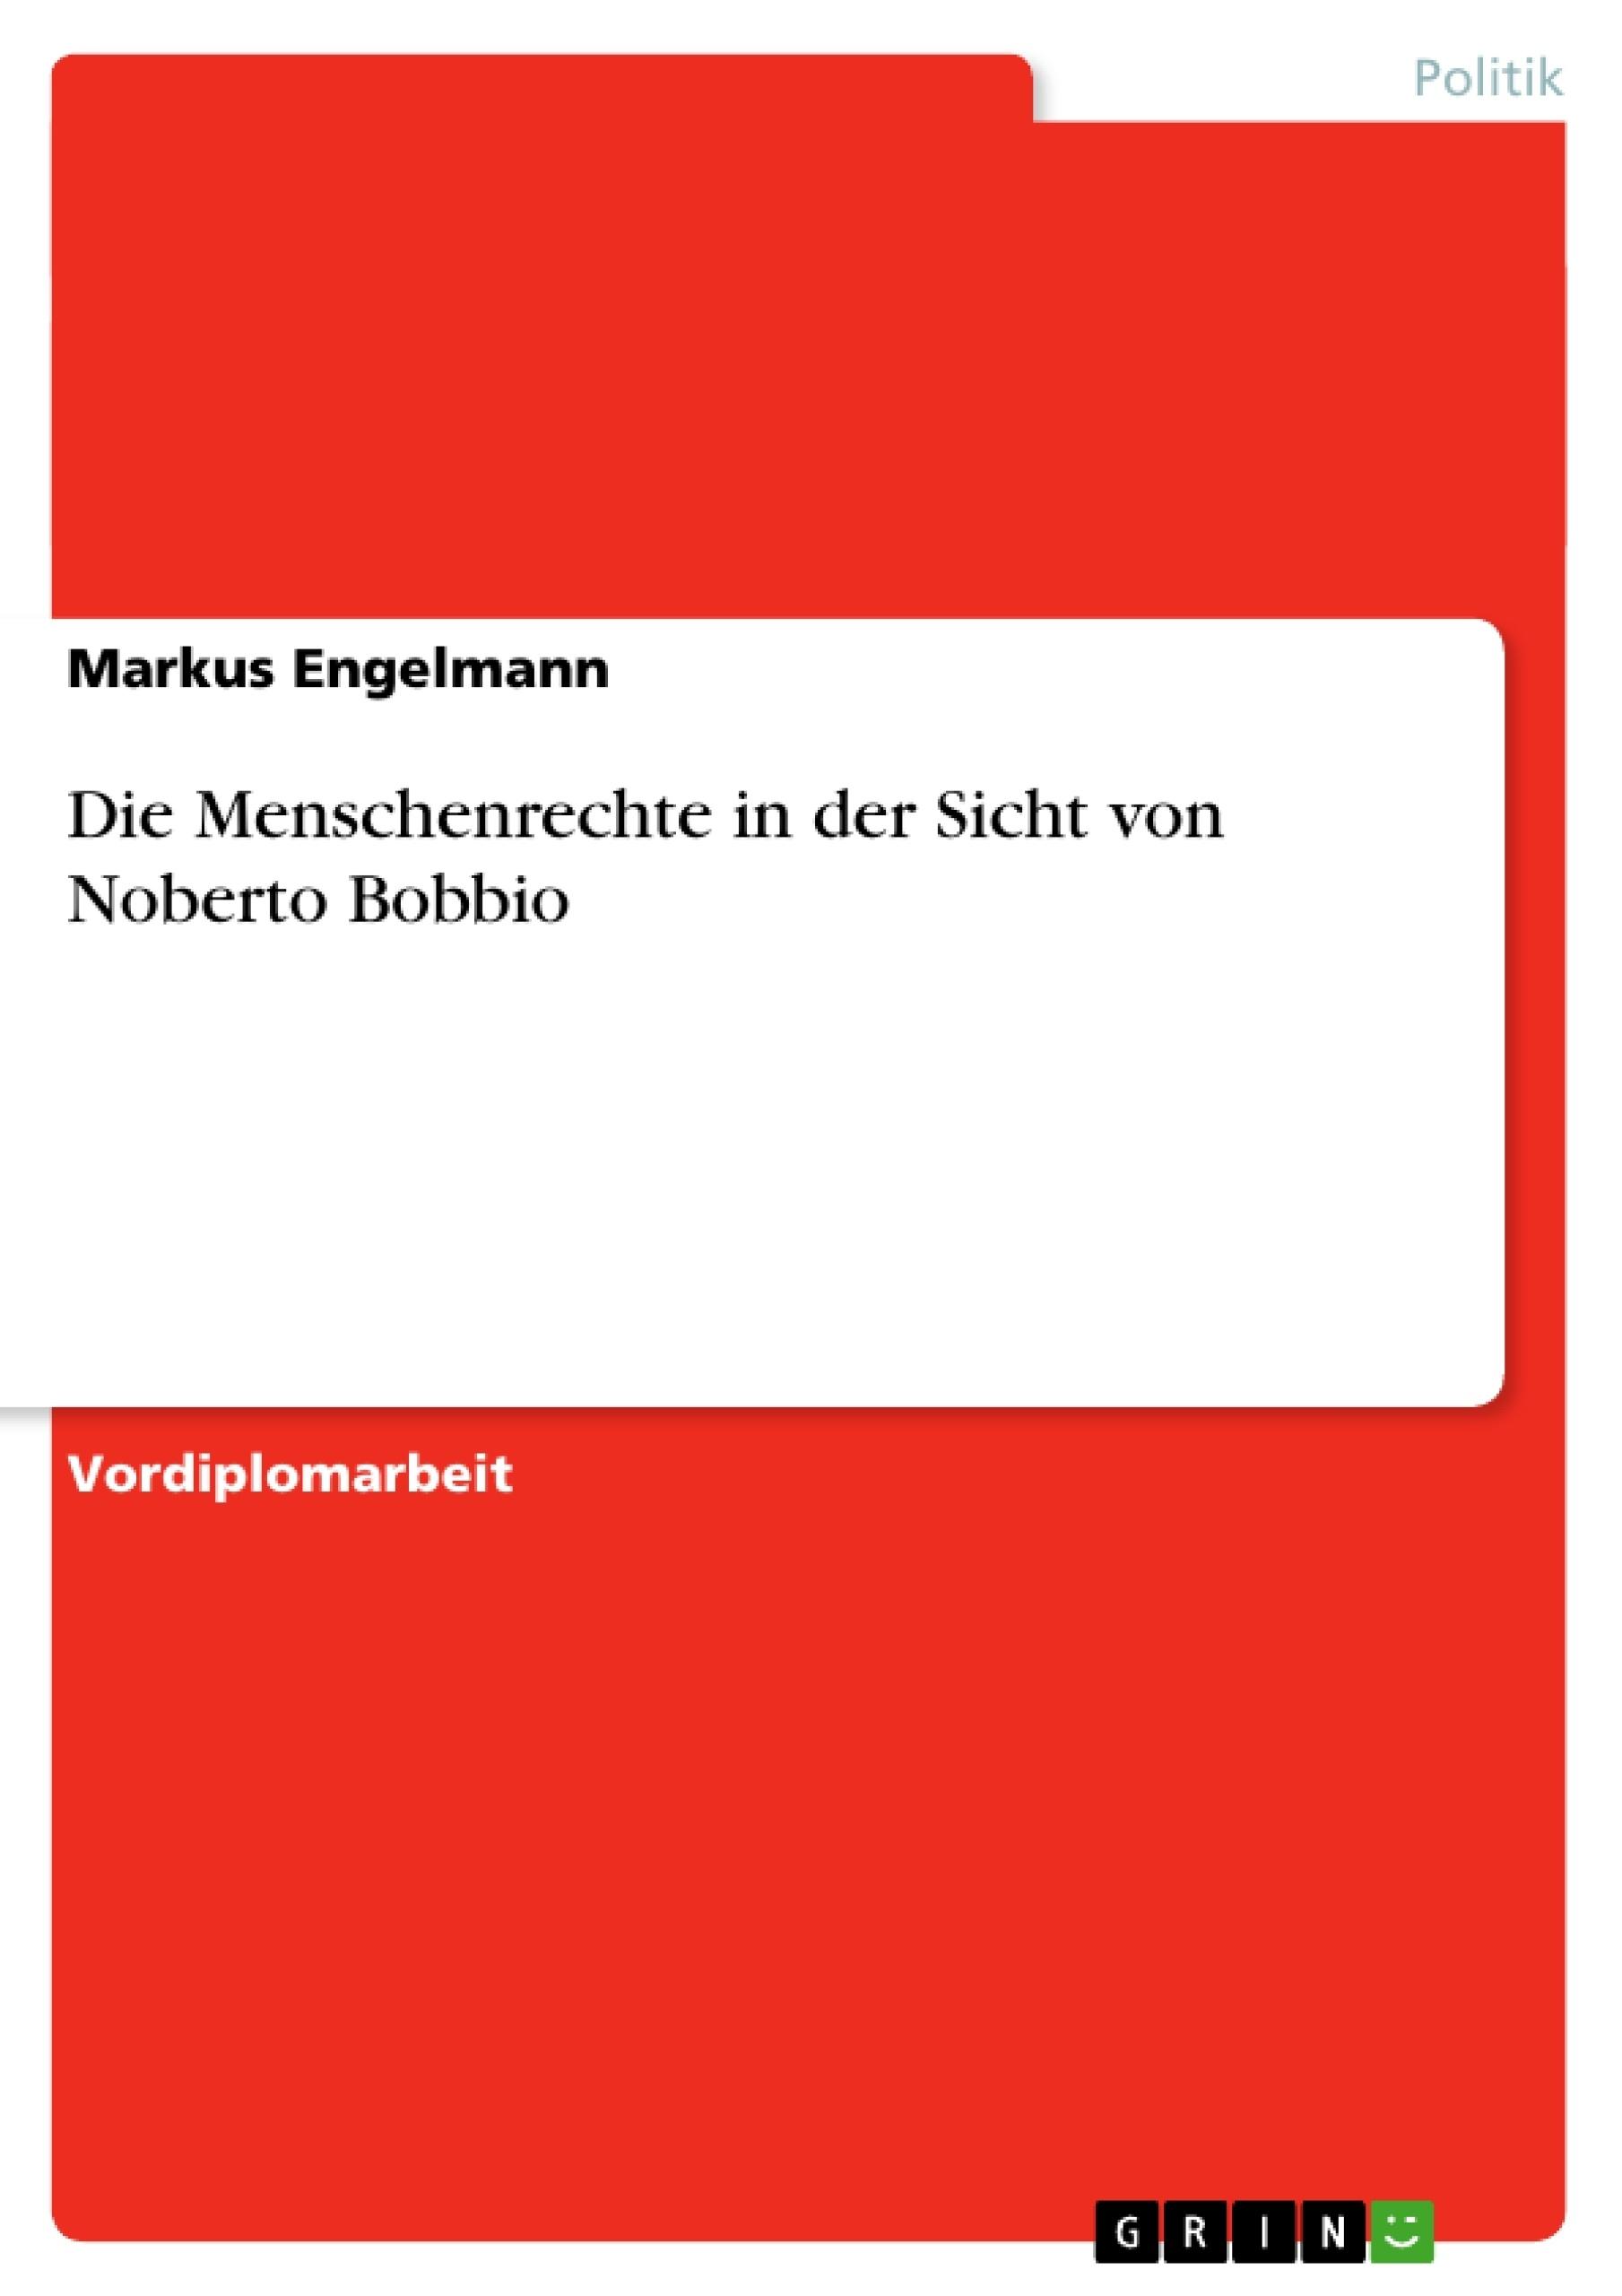 Titel: Die Menschenrechte in der Sicht von Noberto Bobbio